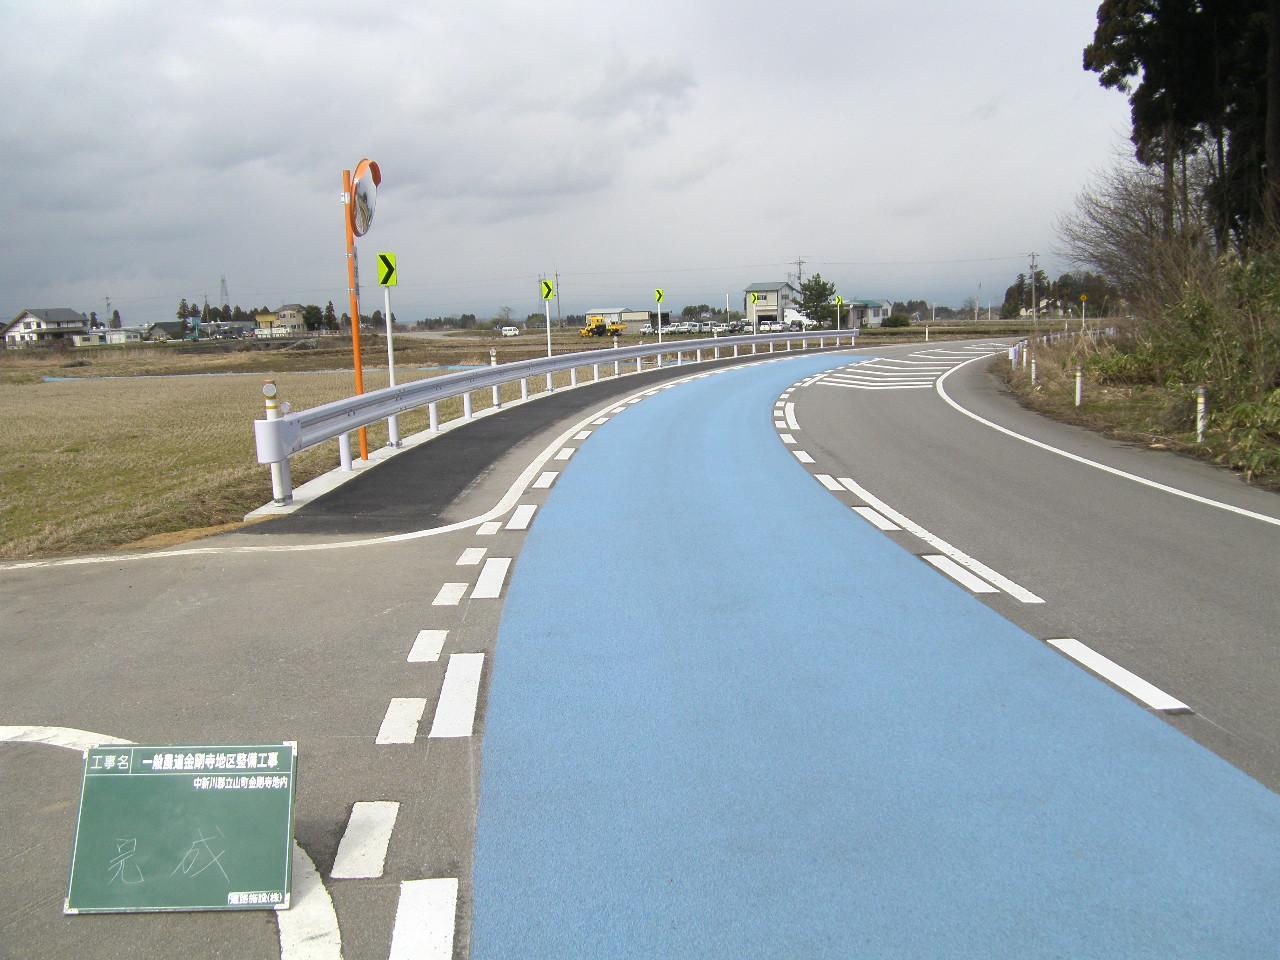 薄層カラー舗装(滑り止め)・路面カラー化 施工事例1